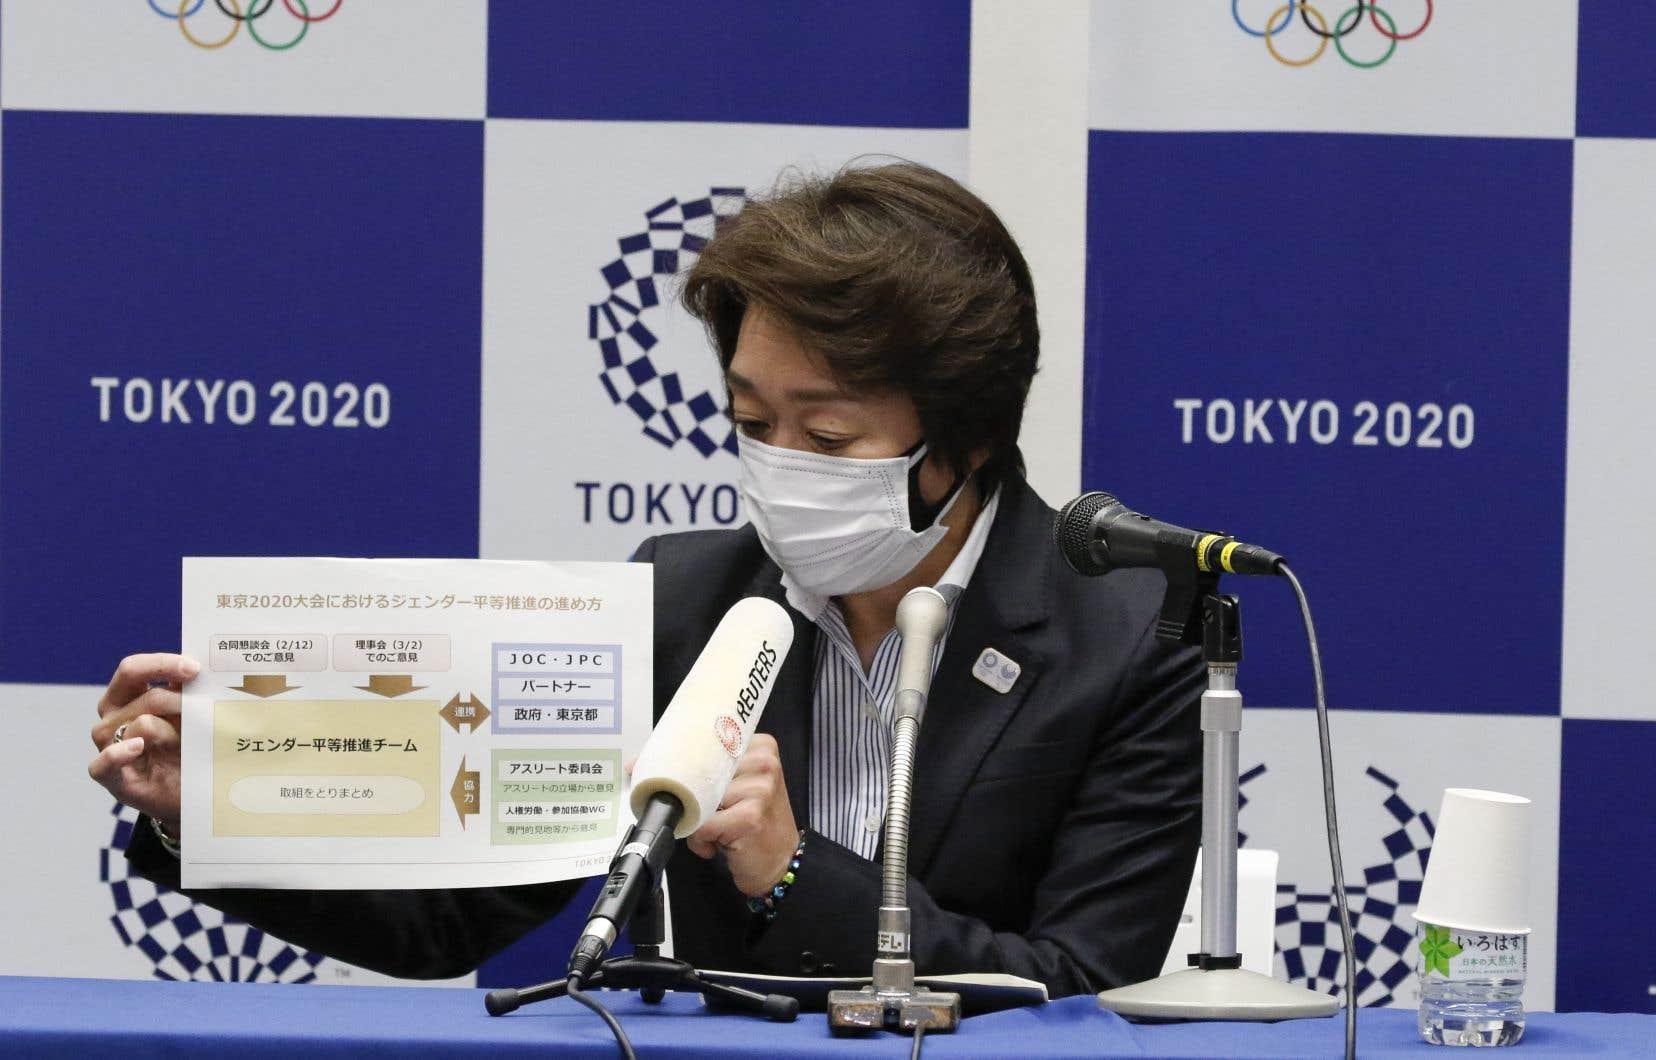 Seiko Hashimoto essaie de convaincre tout le monde que les Jeux olympiques seront sécuritaires, une phrase qu'elle a répétée une douzaine de fois, vendredi, lors de sa conférence de presse inaugurale.